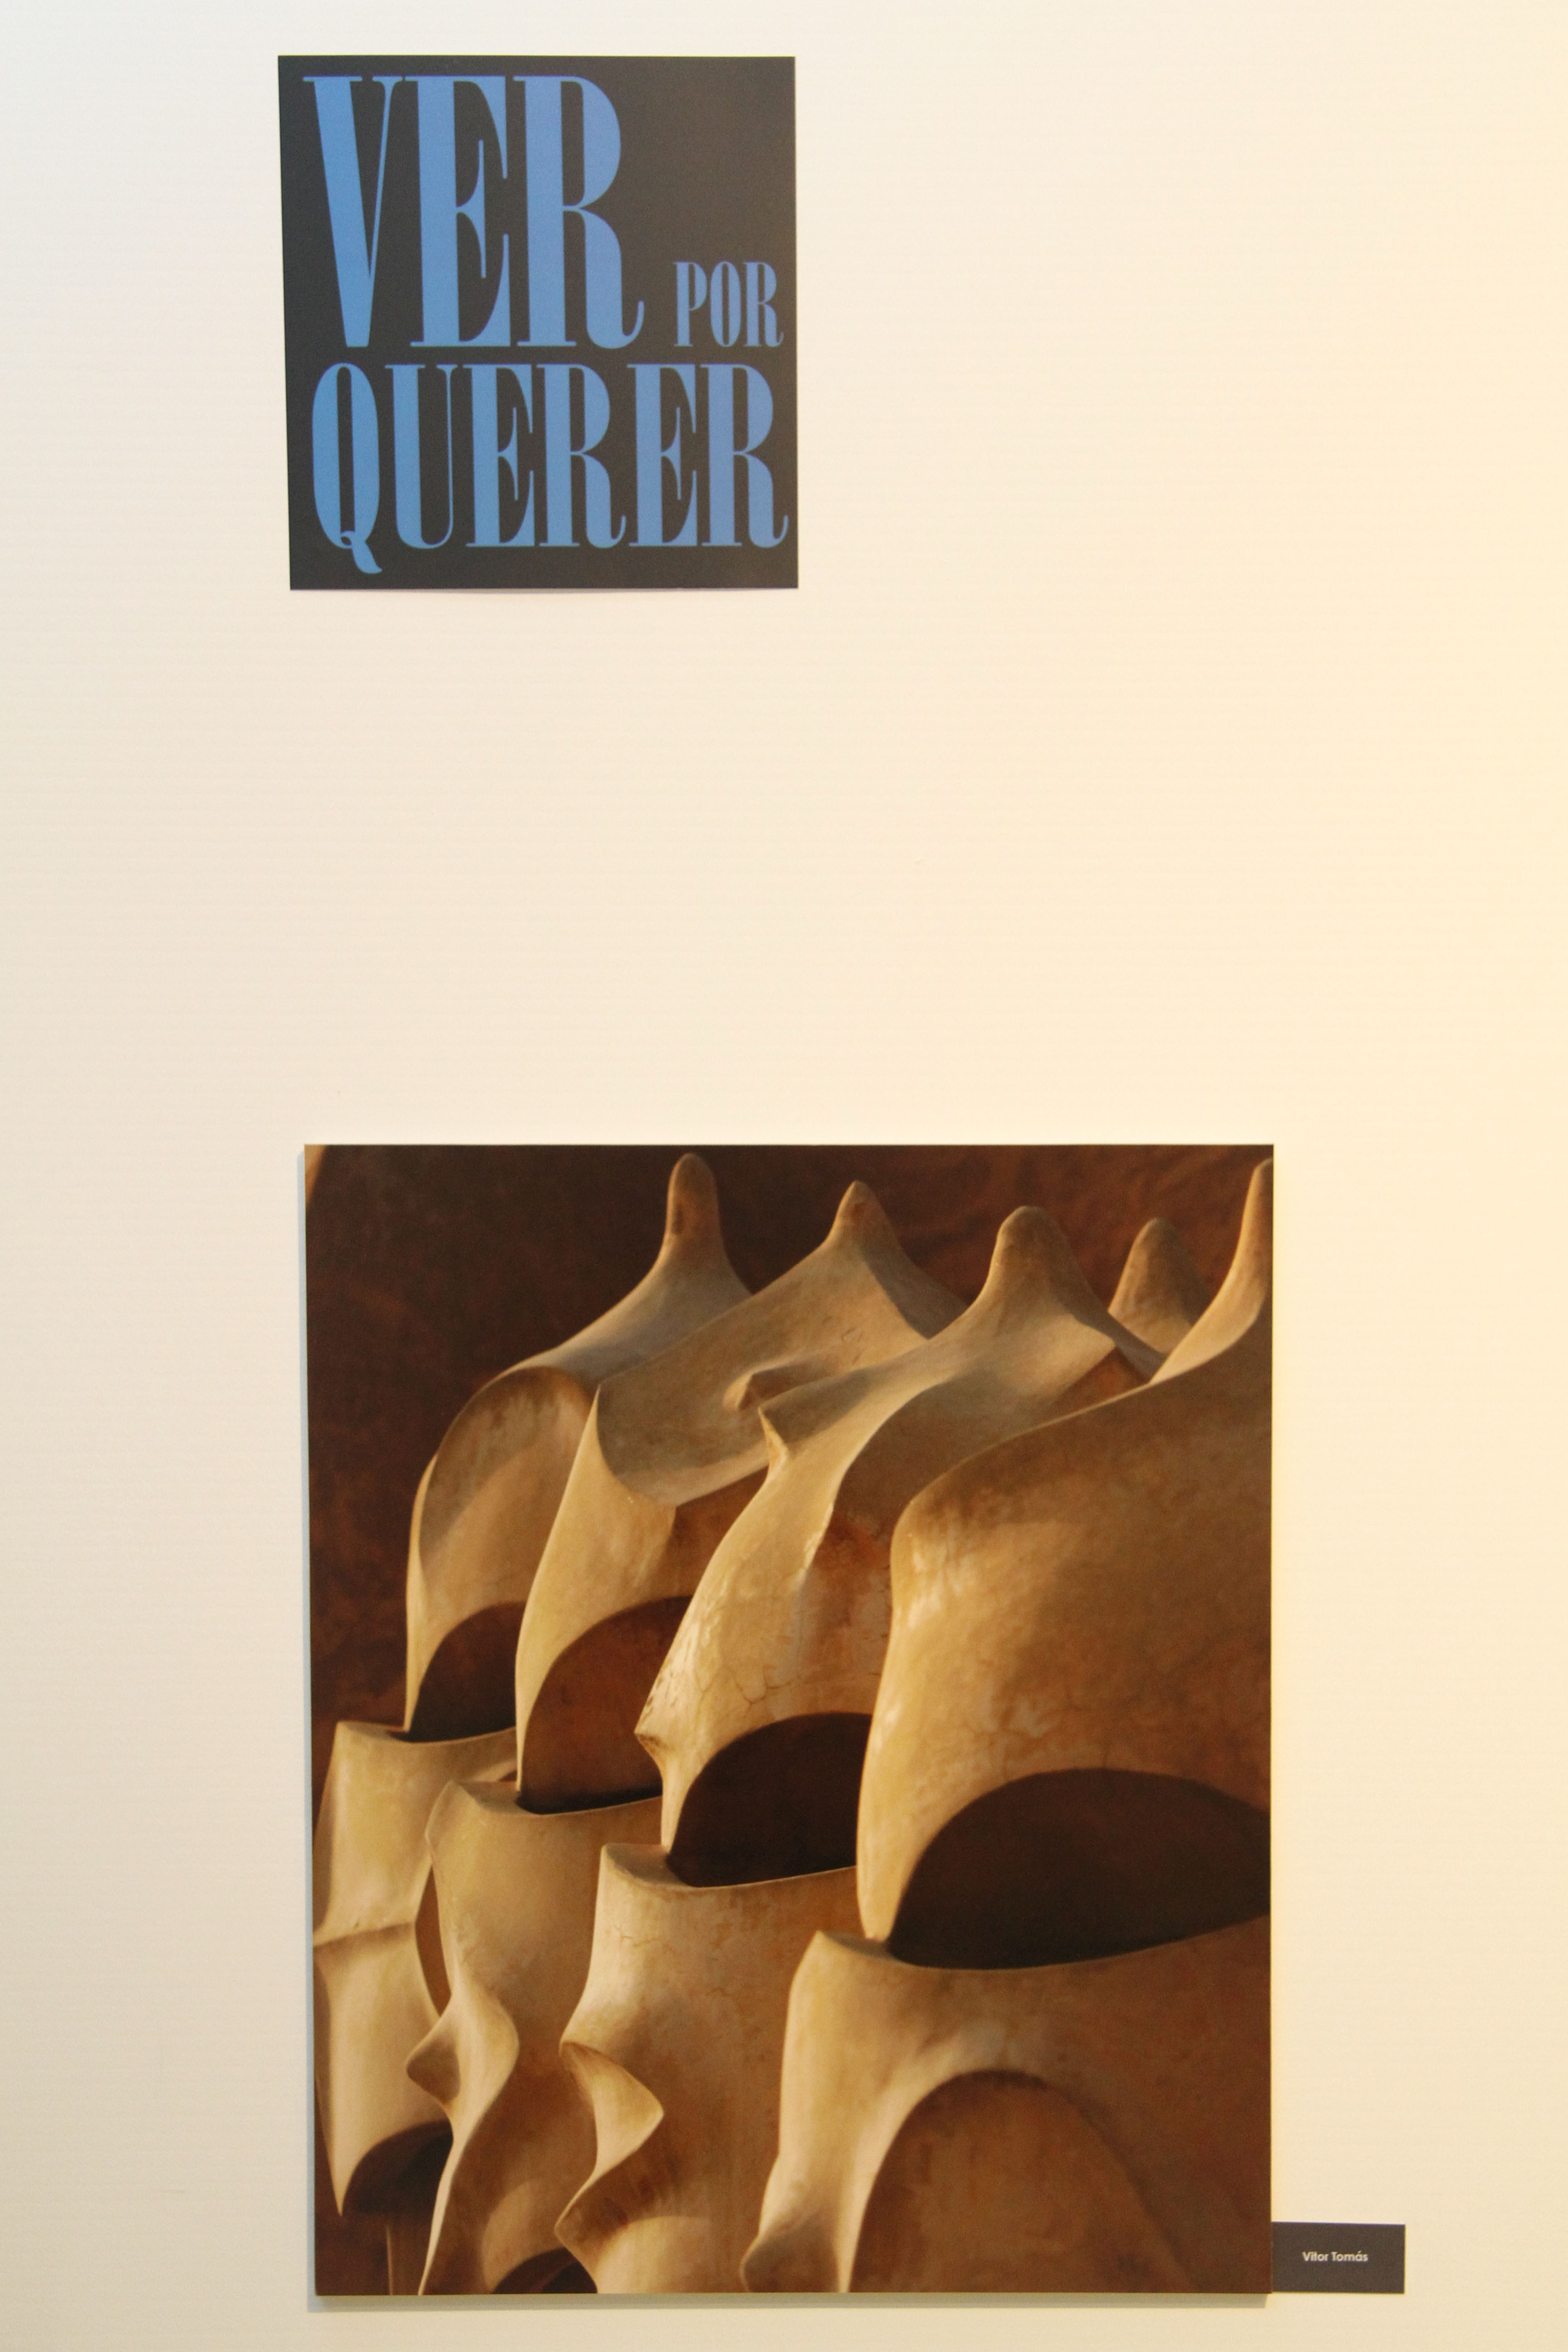 2011 Livro Capa Ver Por Querer2 rz